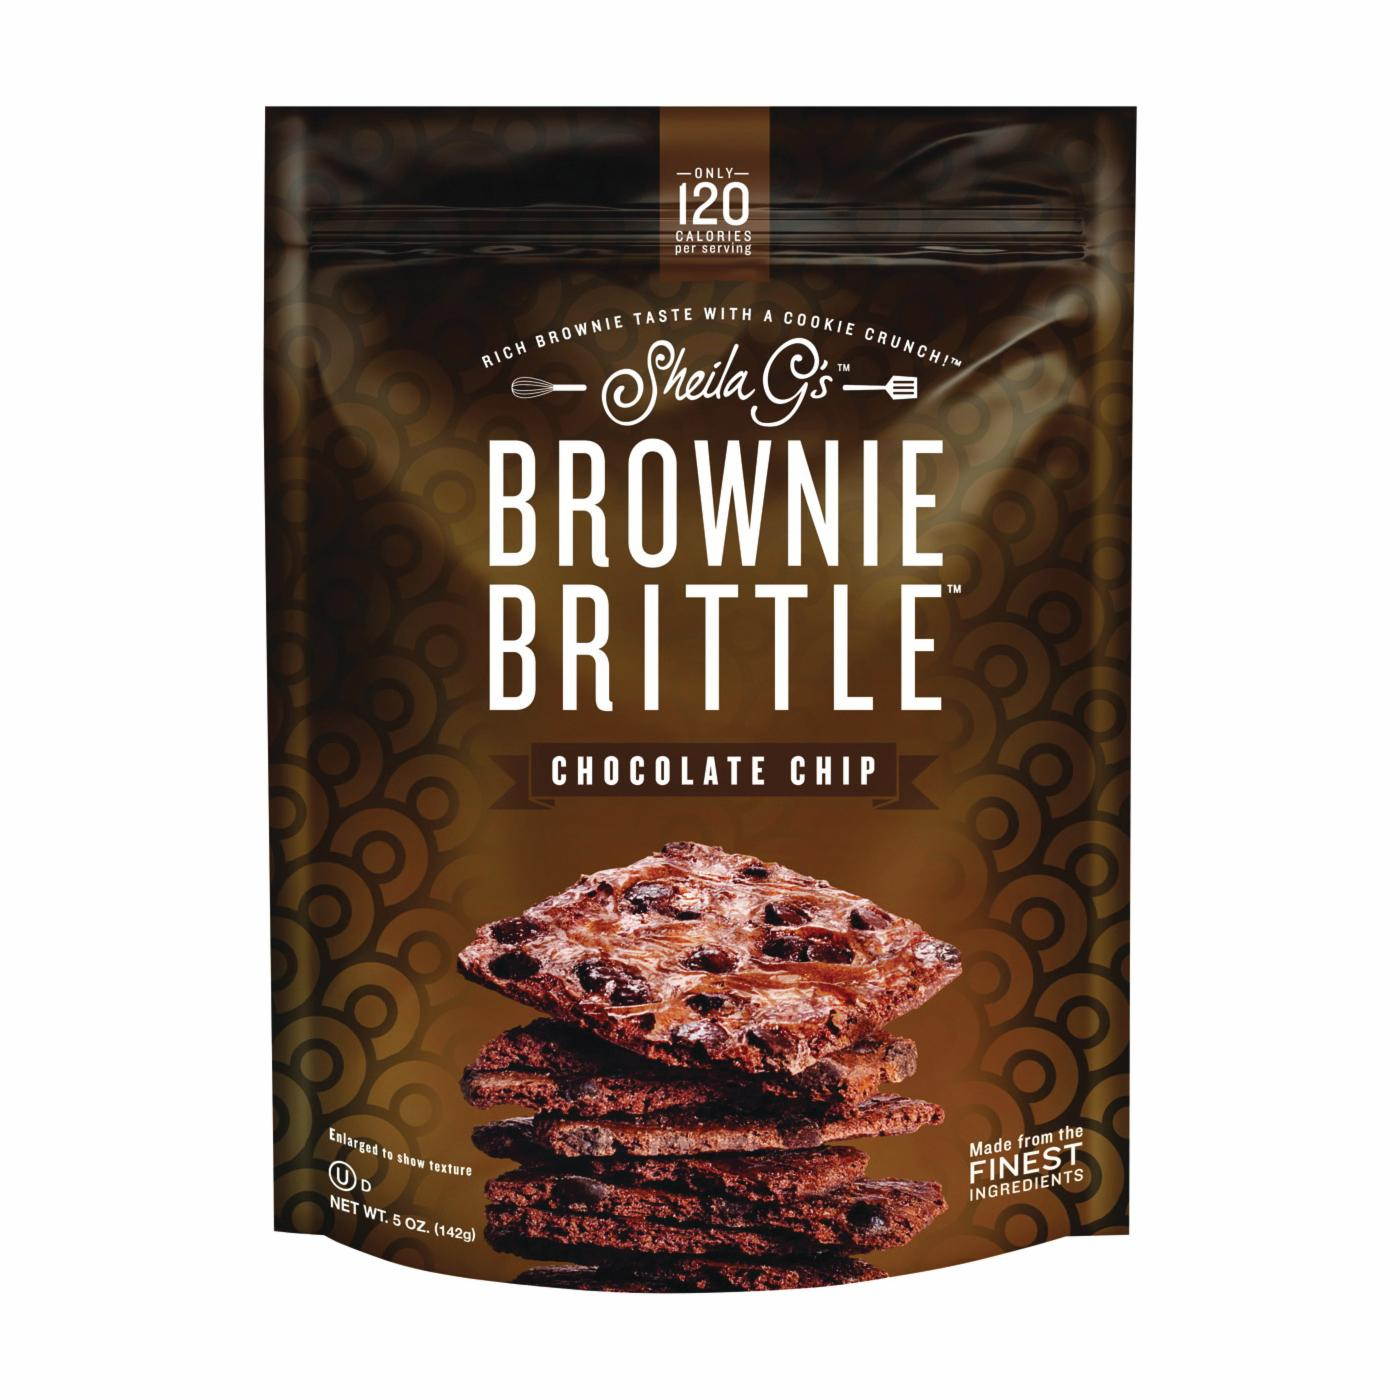 BROWNIE BRITTLE SG1224